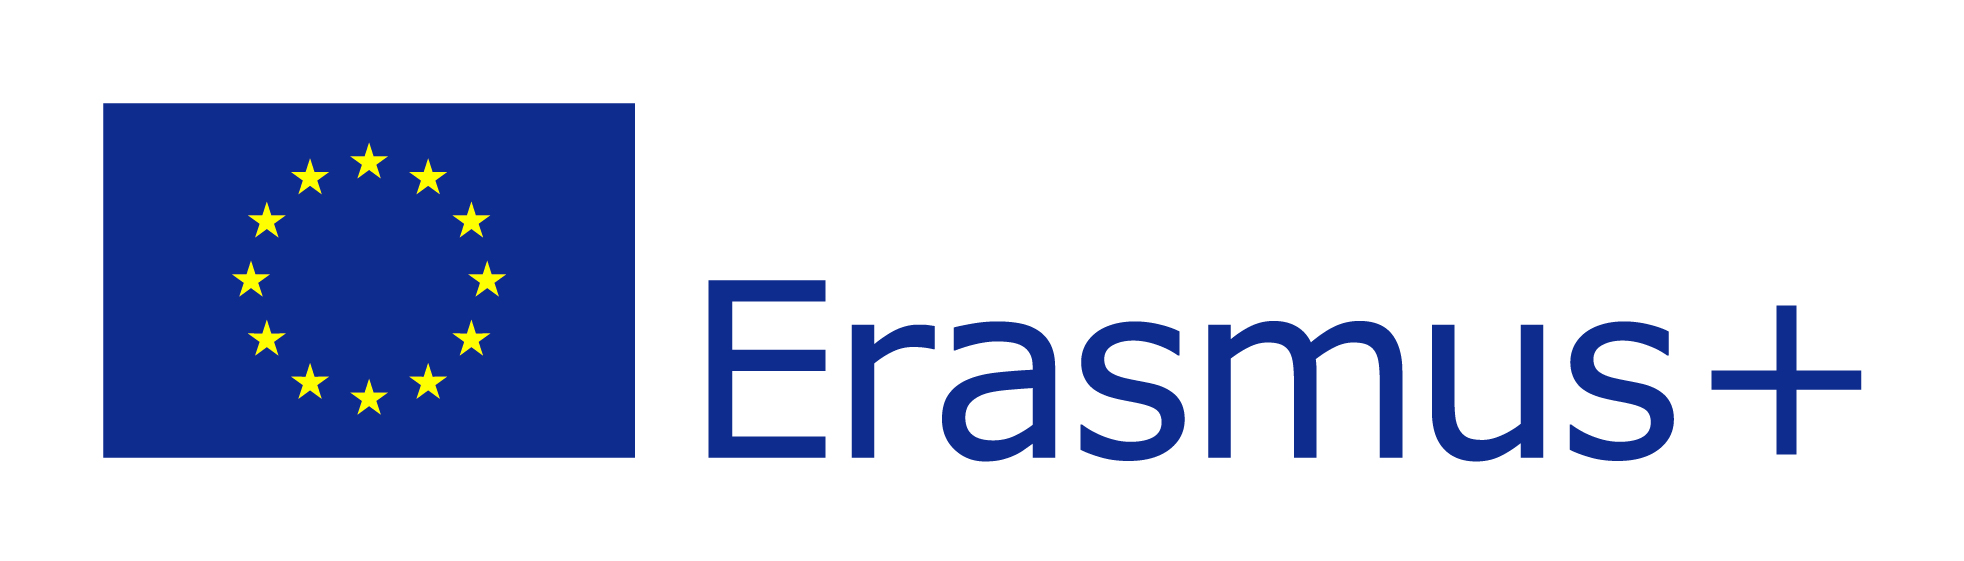 EU-flag-Erasmus